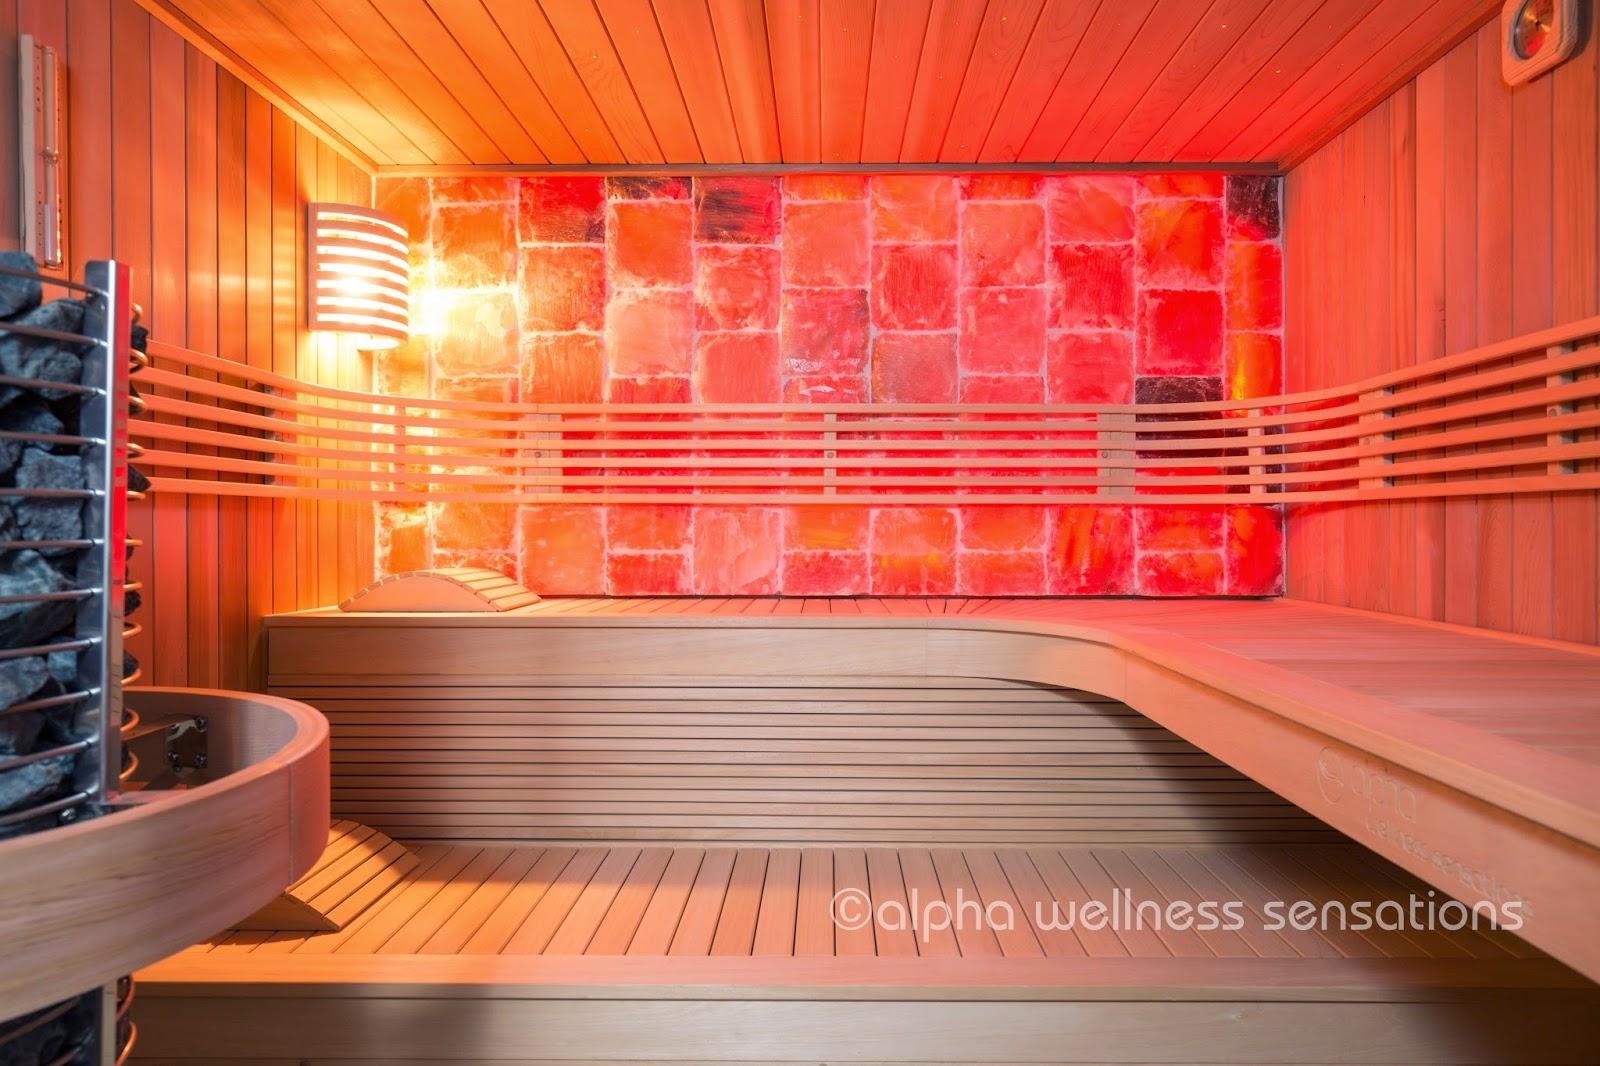 ESCLT4 -Equa - Sauna - Chaleur de Luxe - tower - salt